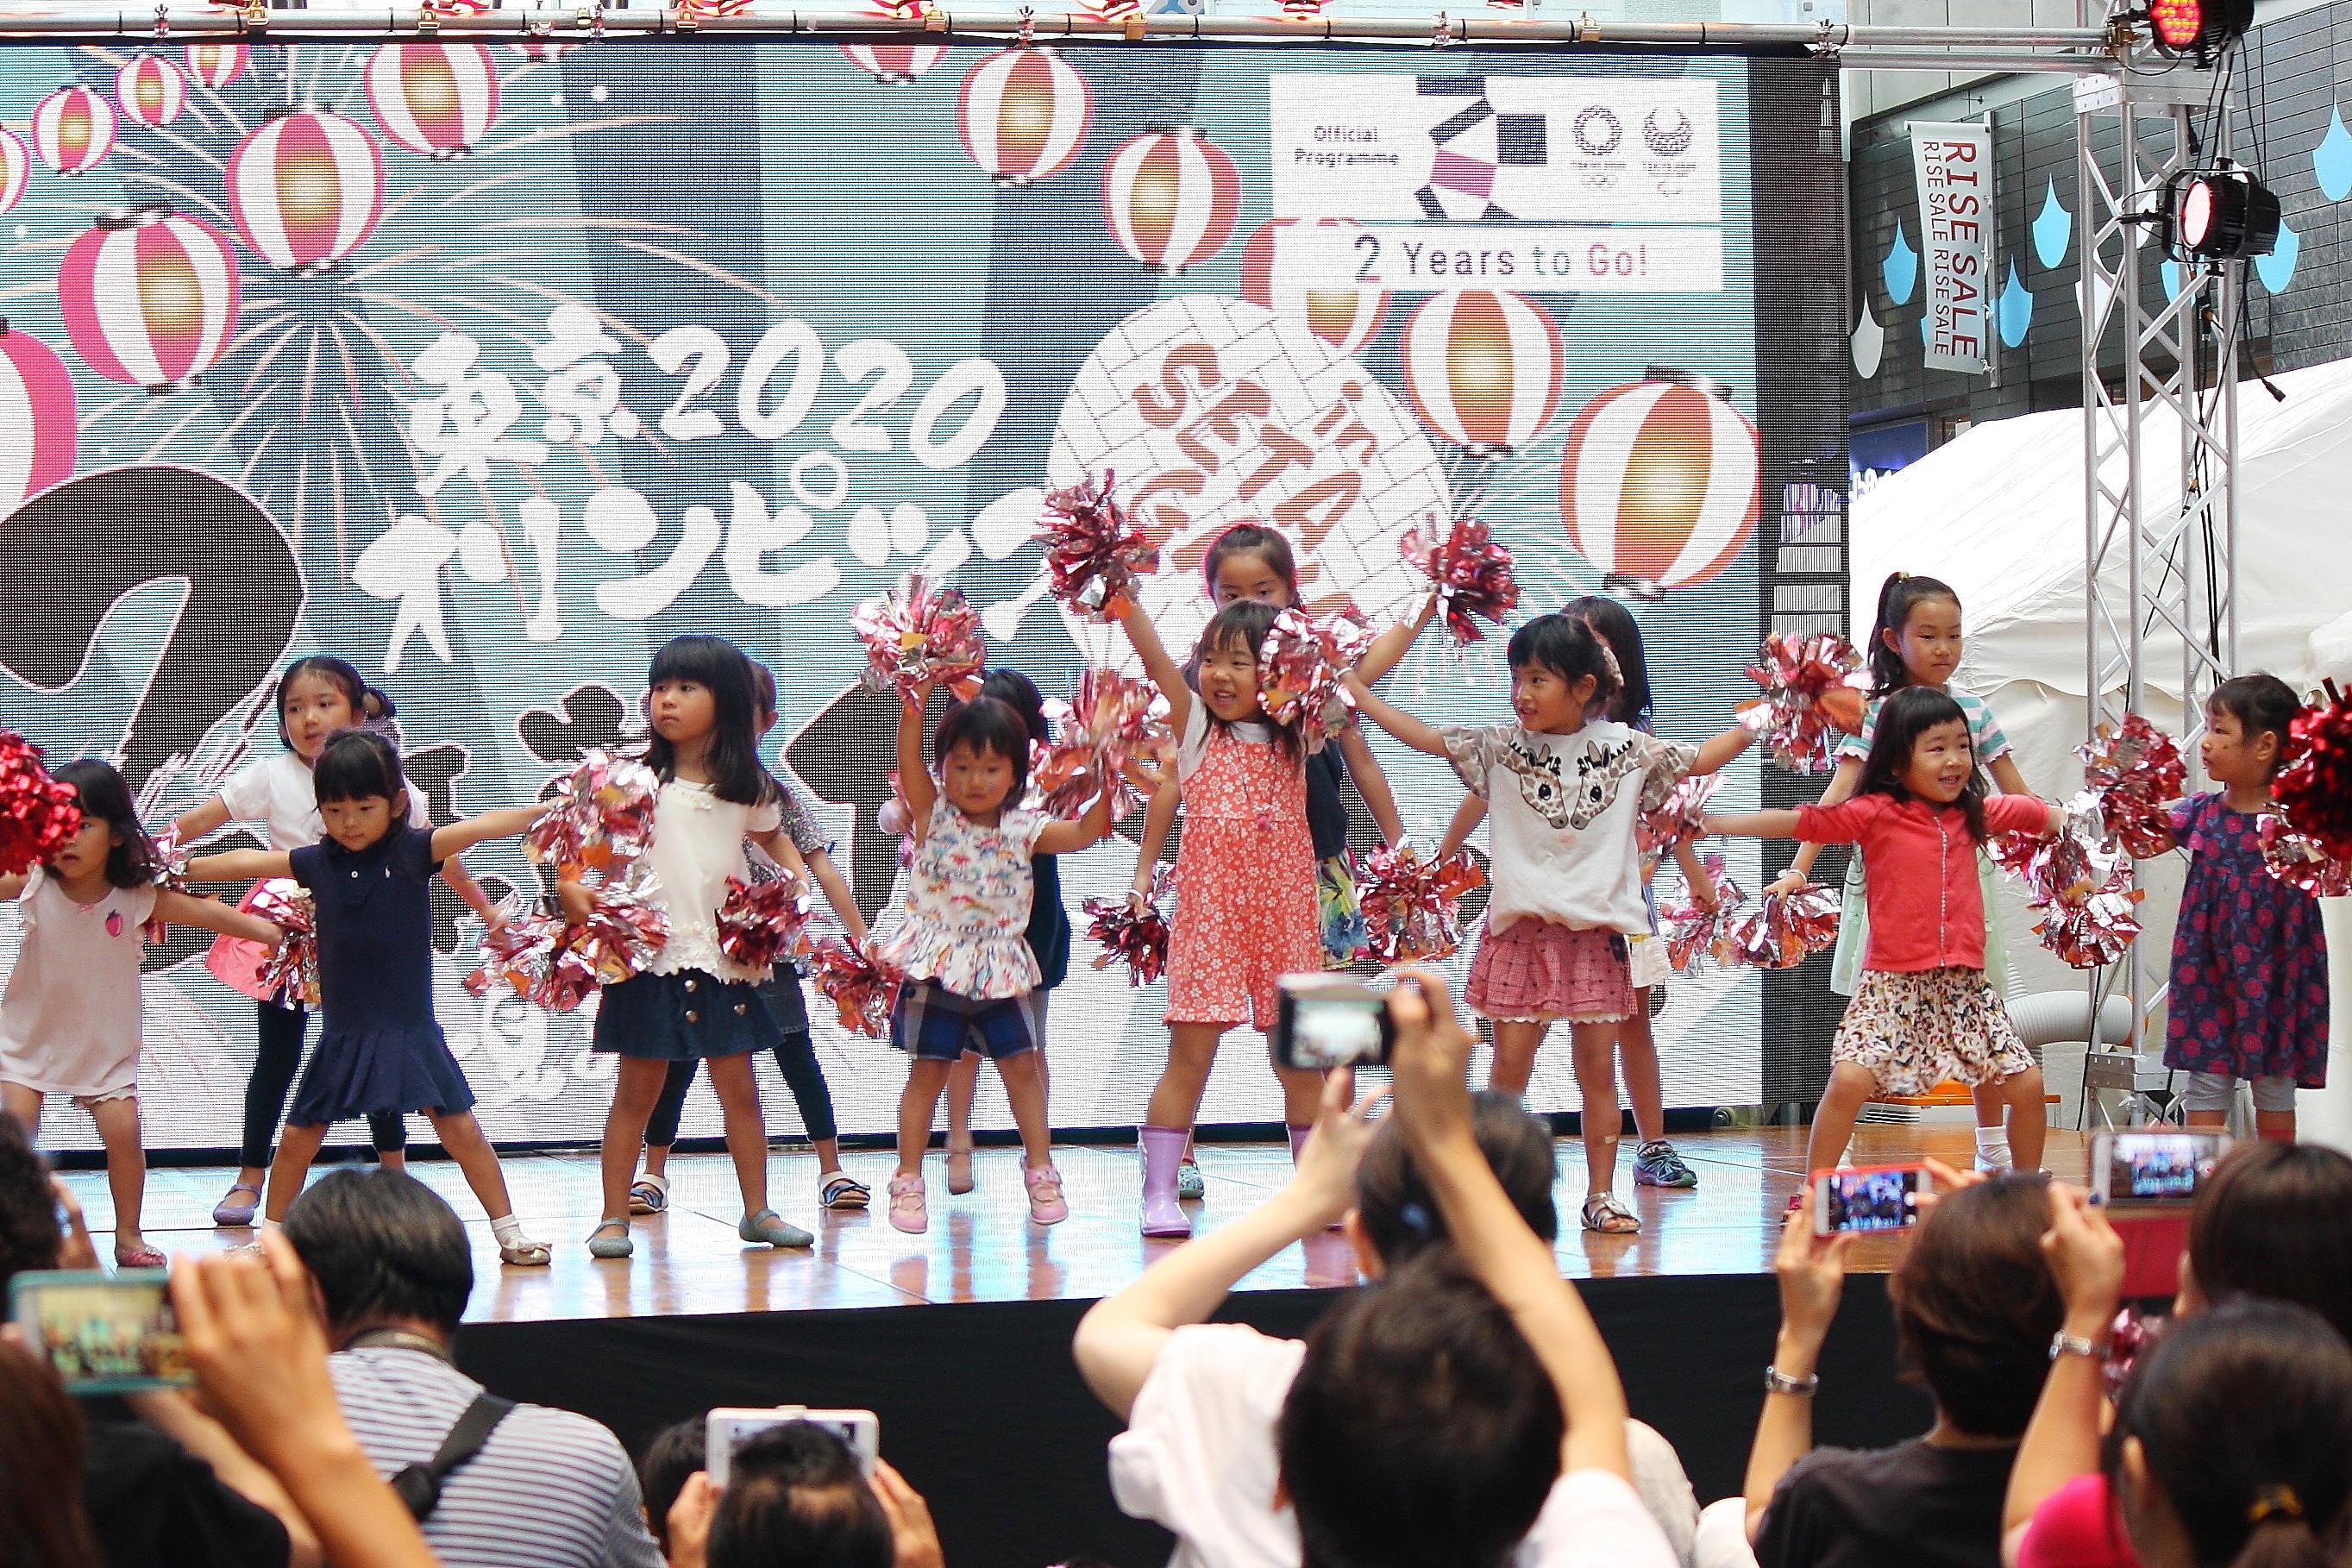 http://news.yoshimoto.co.jp/20180730144800-8e78fcd4112714bdacf3b21ace8313b40bdc686b.jpg